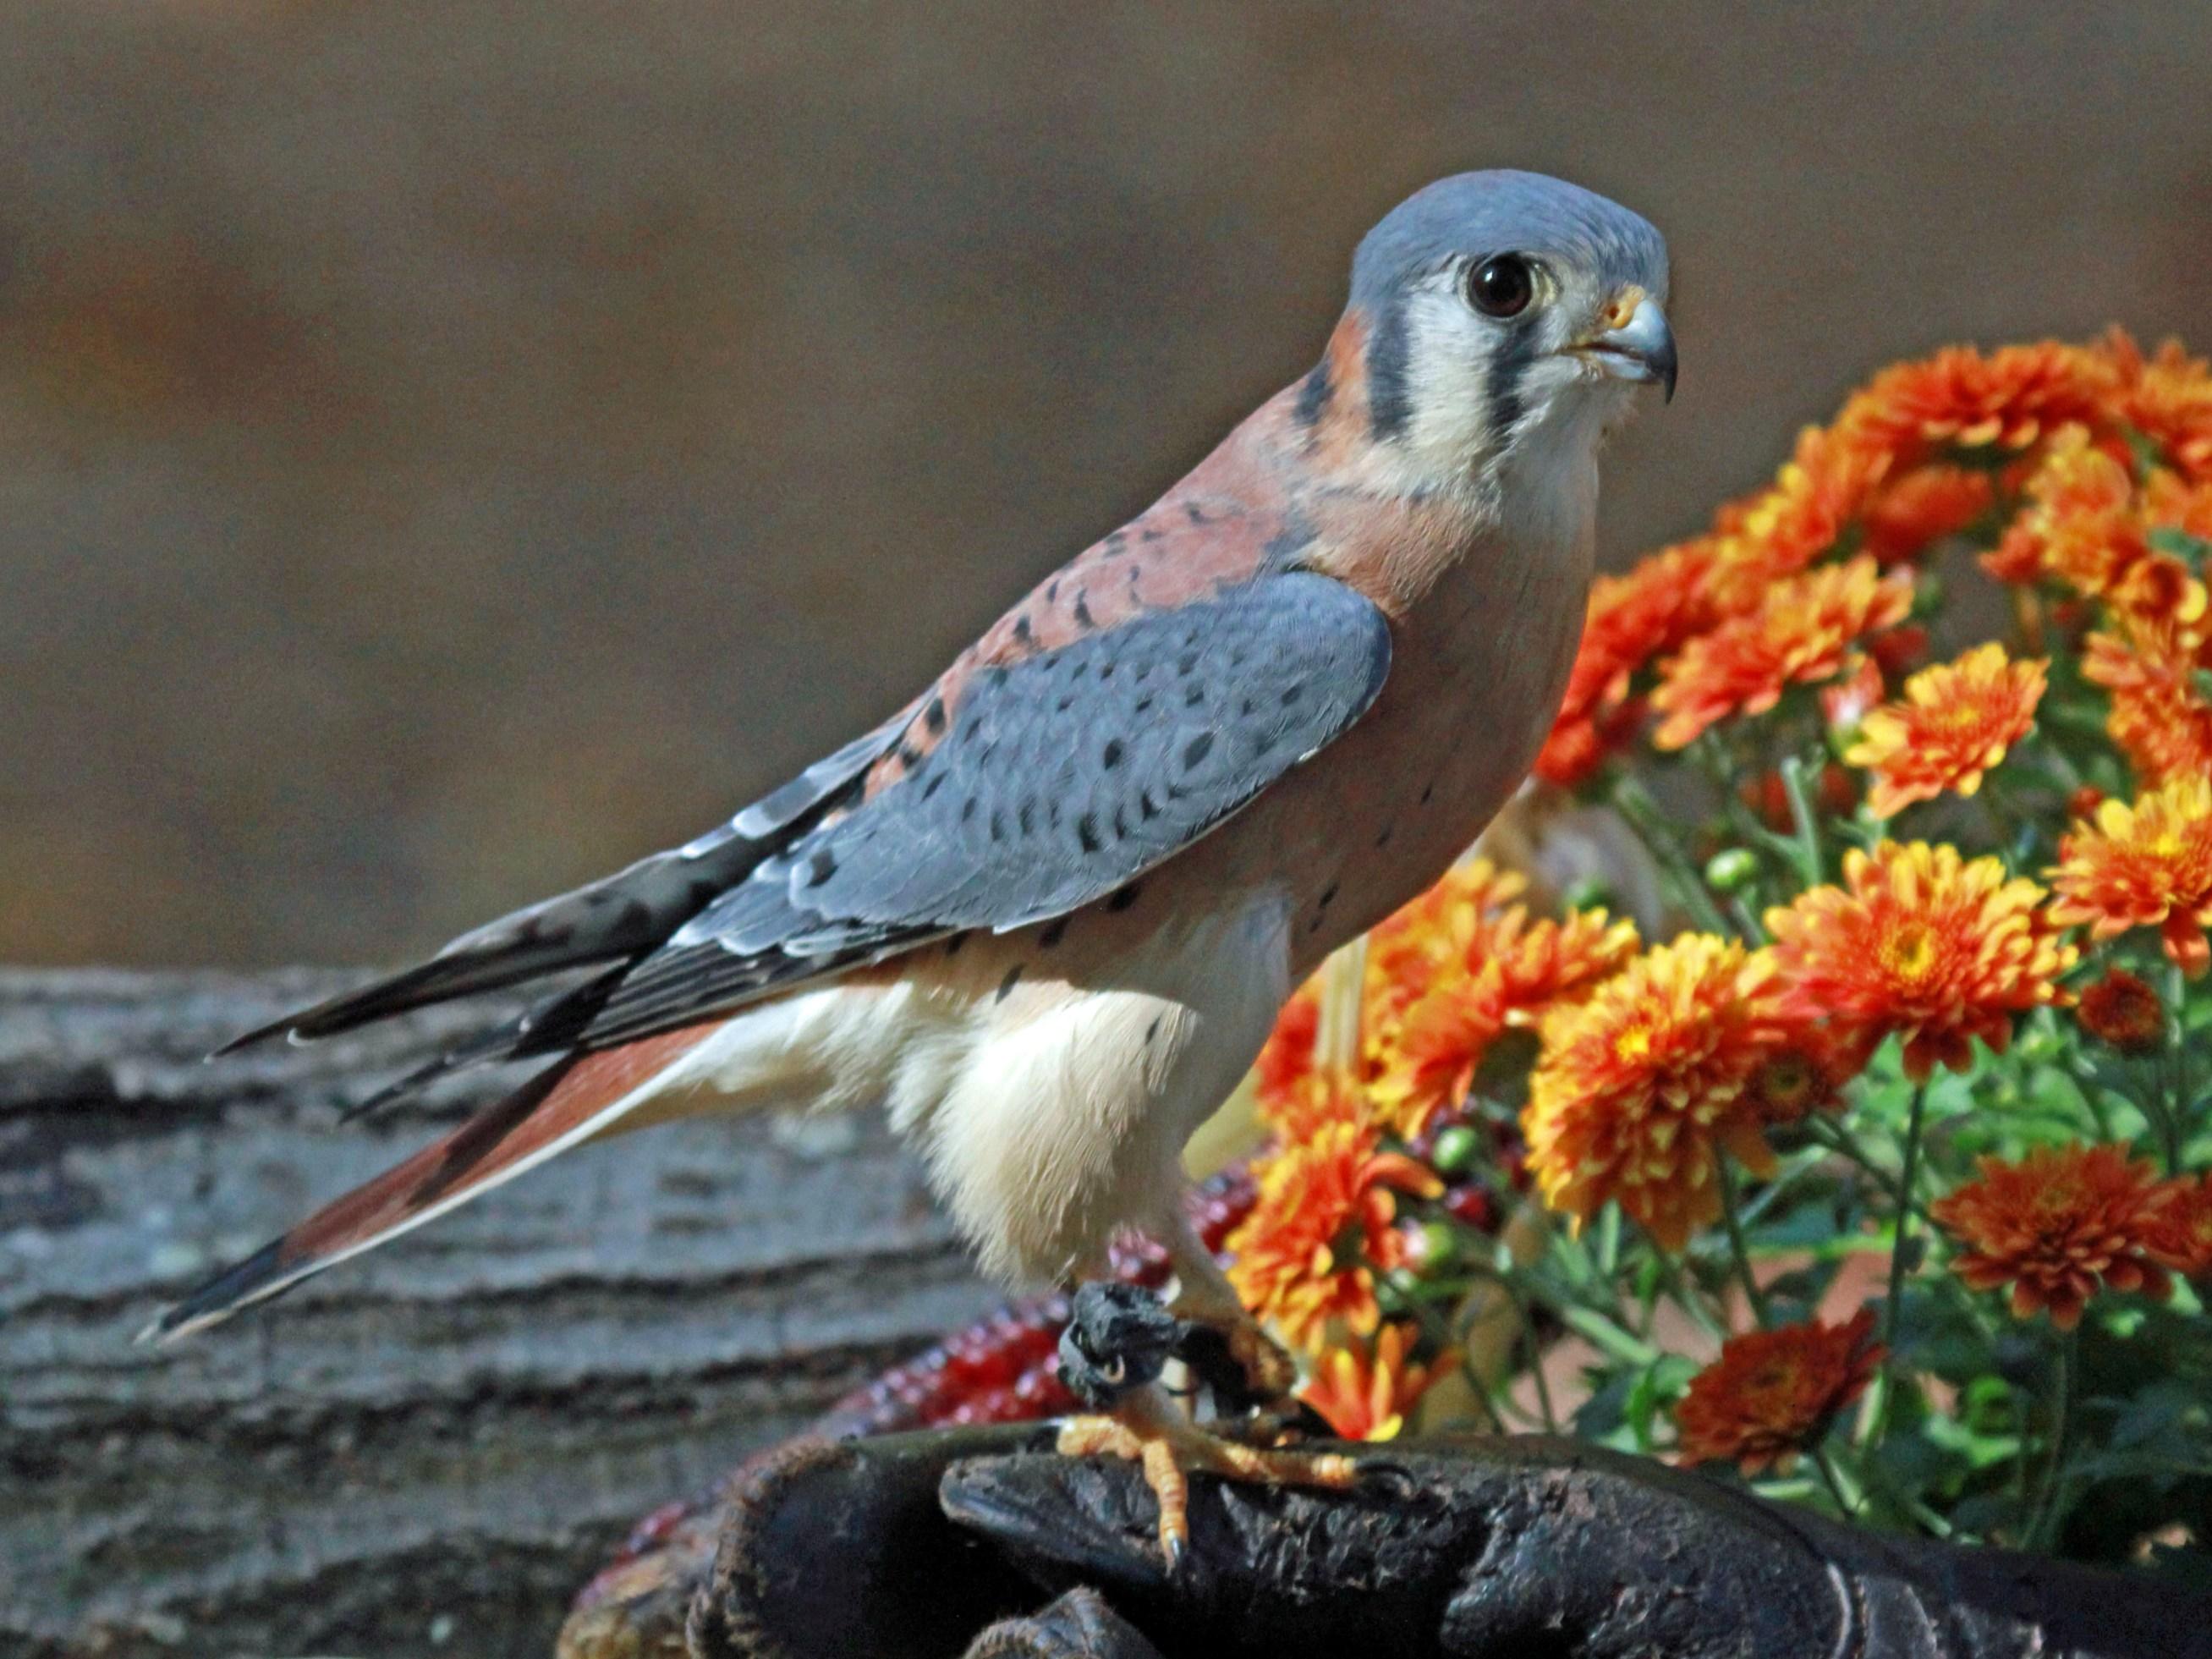 American Kestrel and flowers